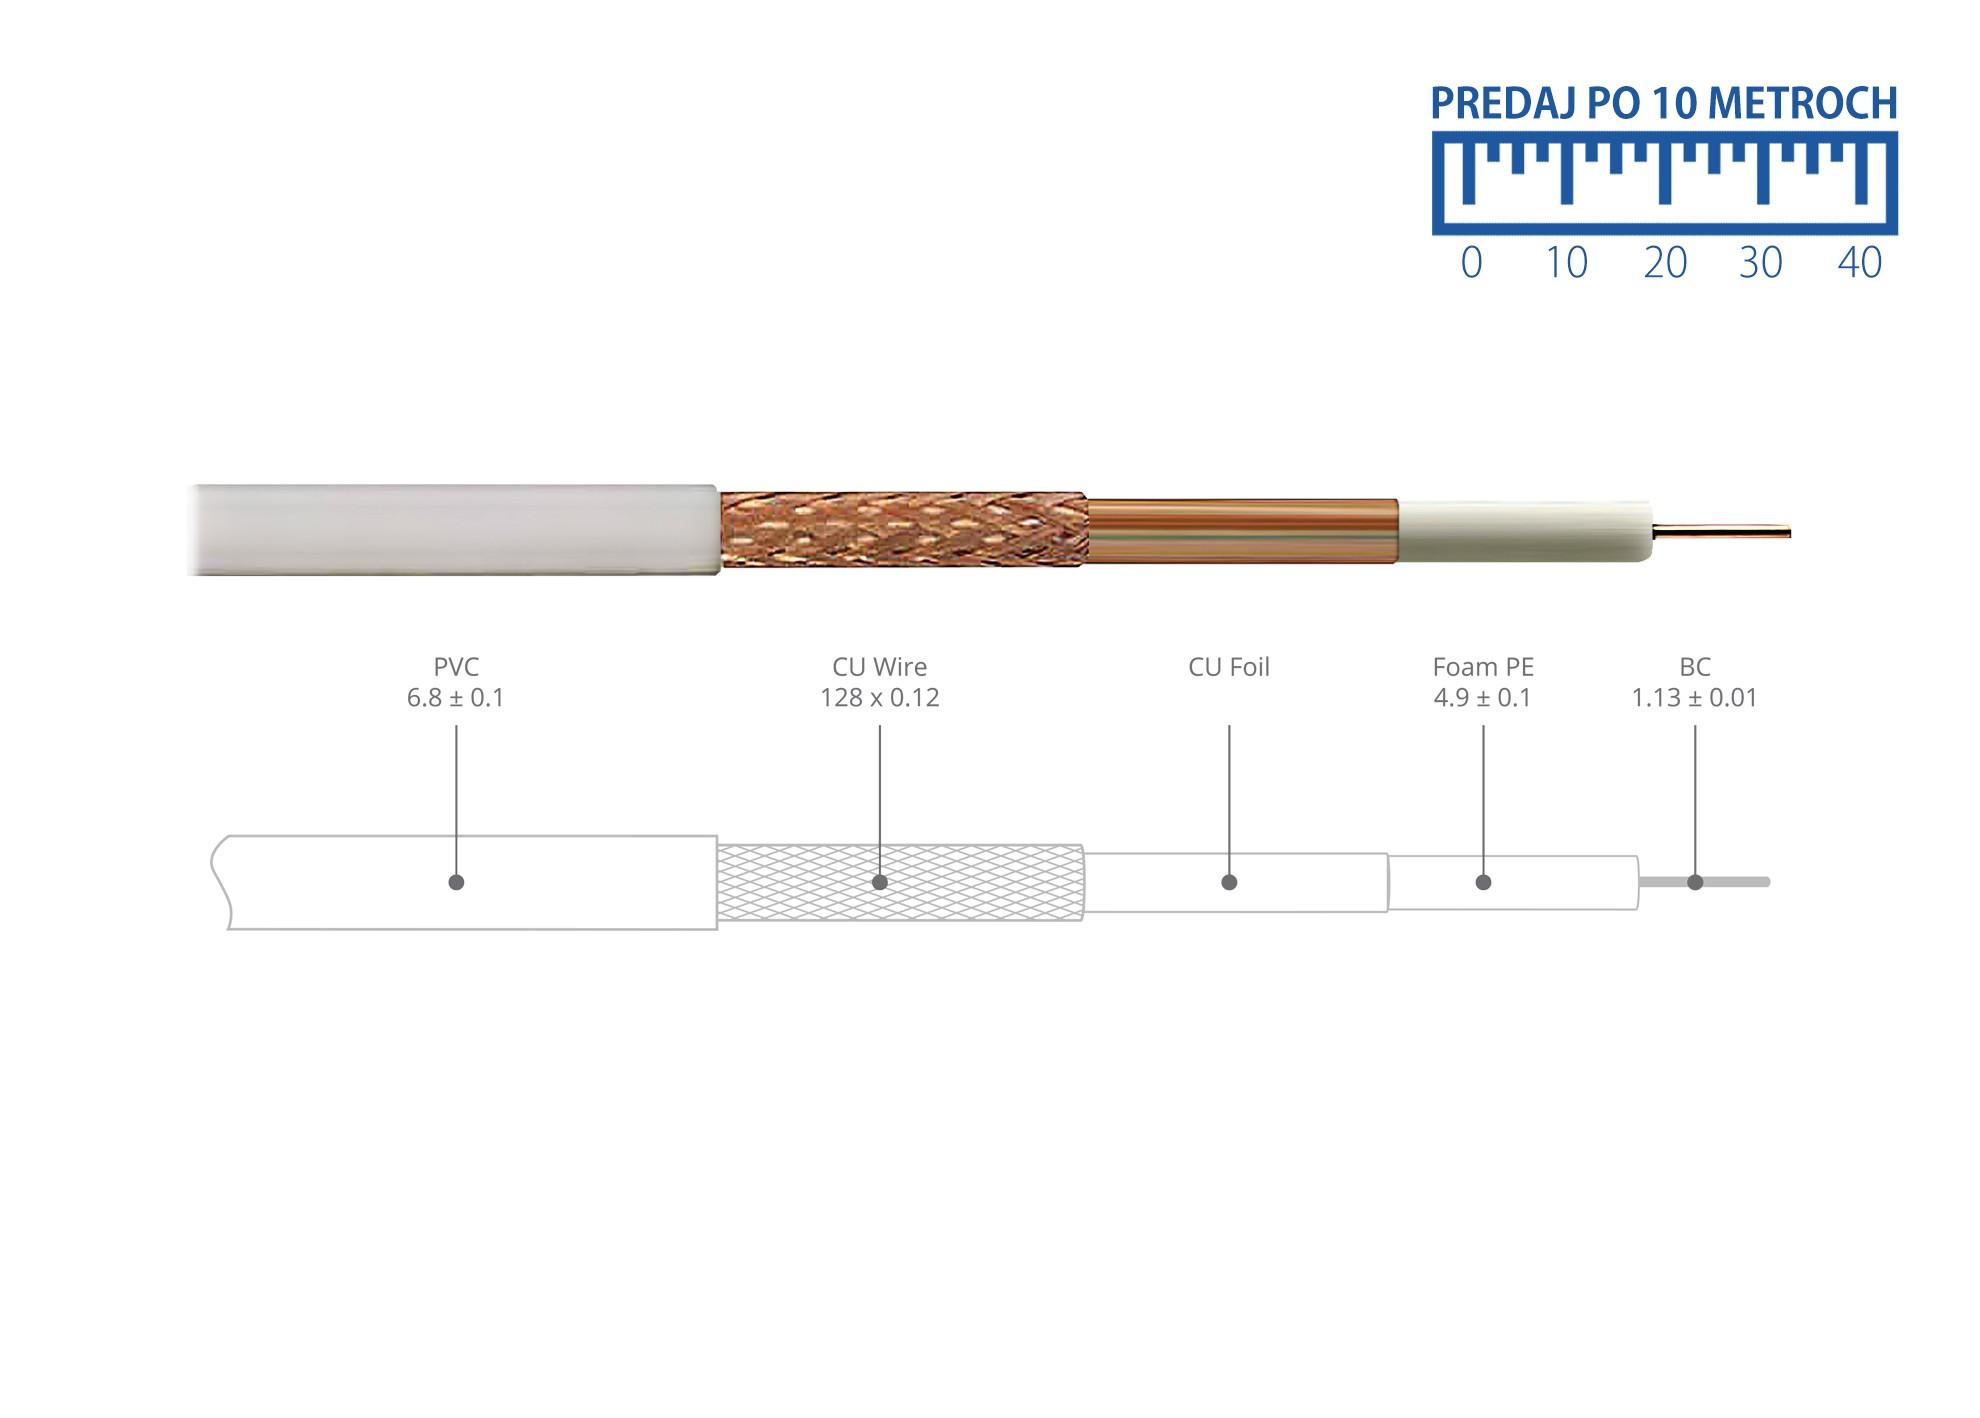 Kábel koaxiál AB RG6CU Profi metrážovaný